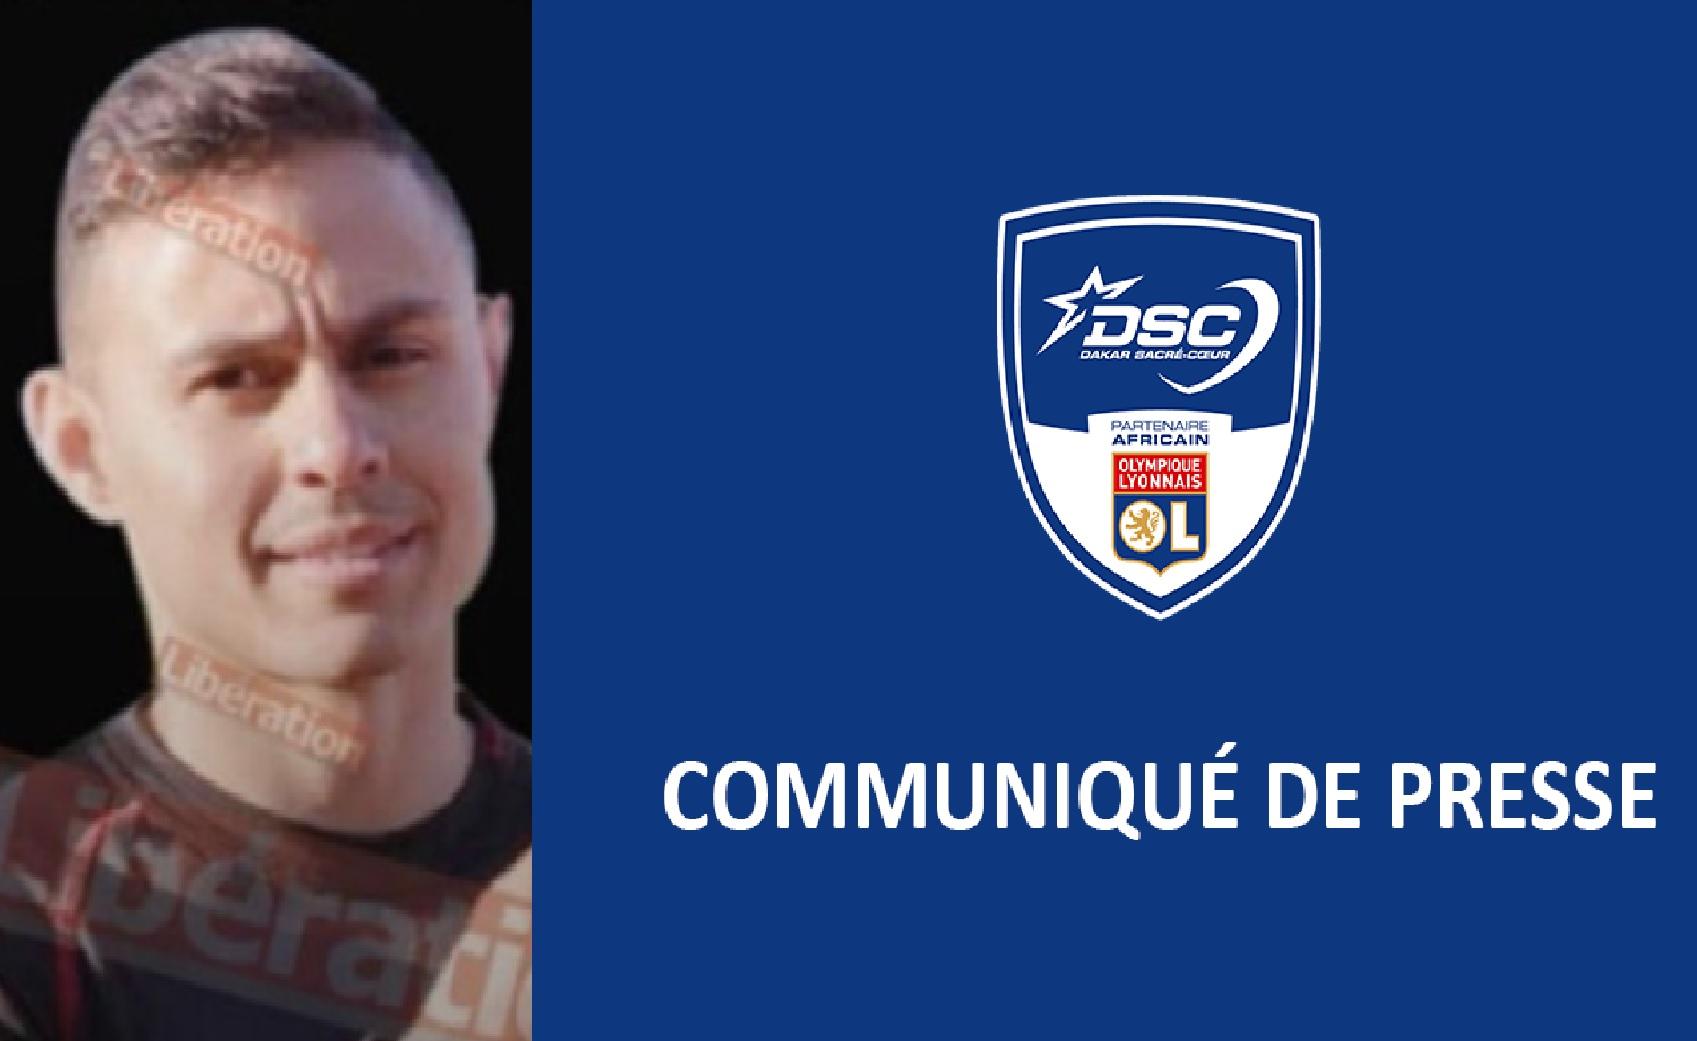 AFFAIRE D'ABUS SEXUELS ET ATTOUCHEMENTS SUR DES JOUEURS MINEURS: Deux nouvelles victimes d'Olivier Sylvain identifiés par DSC